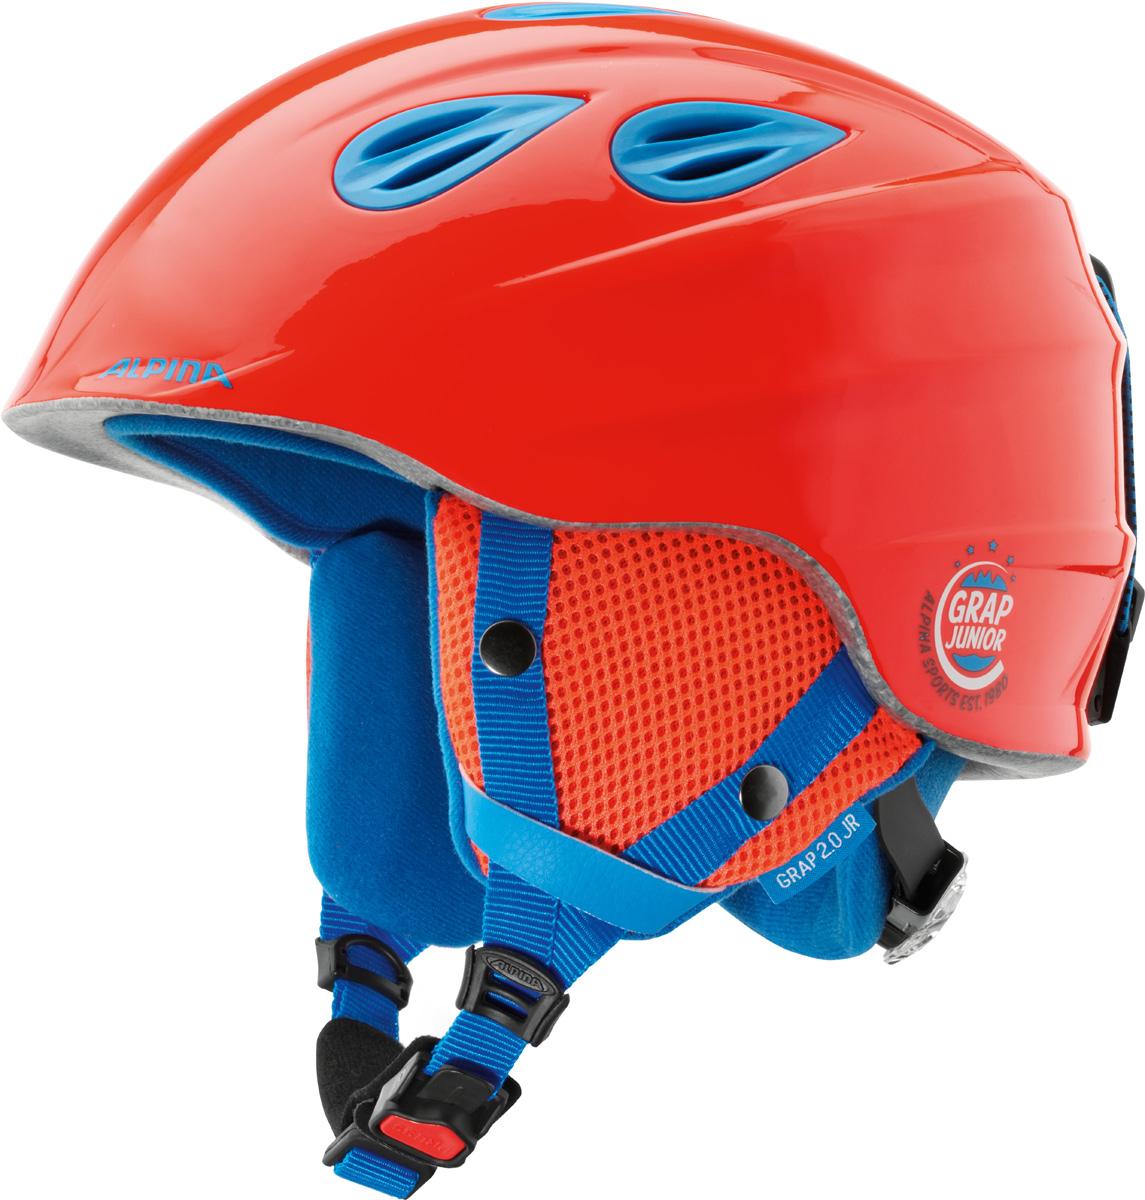 Шлем горнолыжный Alpina Grap 2.0 JR, цвет: красный. A9086_40. Размер 54-57A9086_40Детская версия популярнейшего шлема Alpina Grap 2.0, сохранившая все технические преимущества взрослой модели.Технологии:Конструкция In-Mold - соединение внутреннего слоя из EPS (вспененного полистирола) с внешним покрытием под большим давлением в условиях высокой температуры. В результате внешняя поликарбонатная оболочка сохраняет форму конструкции, предотвращая поломку и попадание осколков внутрь шлема, а внутренний слой Hi-EPS, состоящий из множества наполненных воздухом гранул, амортизирует ударную волну, защищая голову райдера от повреждений.Внешнее покрытие Ceramic Shell обеспечивает повышенную ударопрочность и износостойкость, а также обладает защитой от УФ-излучений, препятствующей выгоранию на солнце, и антистатичными свойствами.Съемный внутренний тканевый слой. Подкладку можно постирать и легко вставить обратно. Своевременный уход за внутренником предотвращает появление неприятного запаха.Вентиляционная система с раздвижным механизмом с возможностью регулировки интенсивности потока воздуха.Классическая система регулировки в шлемах Alpina Run System с регулировочным кольцом на затылке позволяет быстро и легко подобрать оптимальную и комфортную плотность посадки на голове.Съемные ушки согревают в холодную погоду, а в теплую компактно хранятся в кармане куртки.Шейный воротник из микрофлиса в задней части шлема быстро согревает и не давит на шею.Ремешок фиксируется кнопкой с запирающим механизмом. Застежка максимально удобна для использования в перчатках.Система Edge Protect в конструкции шлема защищает голову горнолыжника при боковом ударе.Система Y-Clip гарантирует оптимальную посадку с миллиметровой точностью. Y-зажим соединяет два ремешка вместе и удобно фиксирует их под ухом.Съемные элементы позволяют использовать шлем всесезонно.